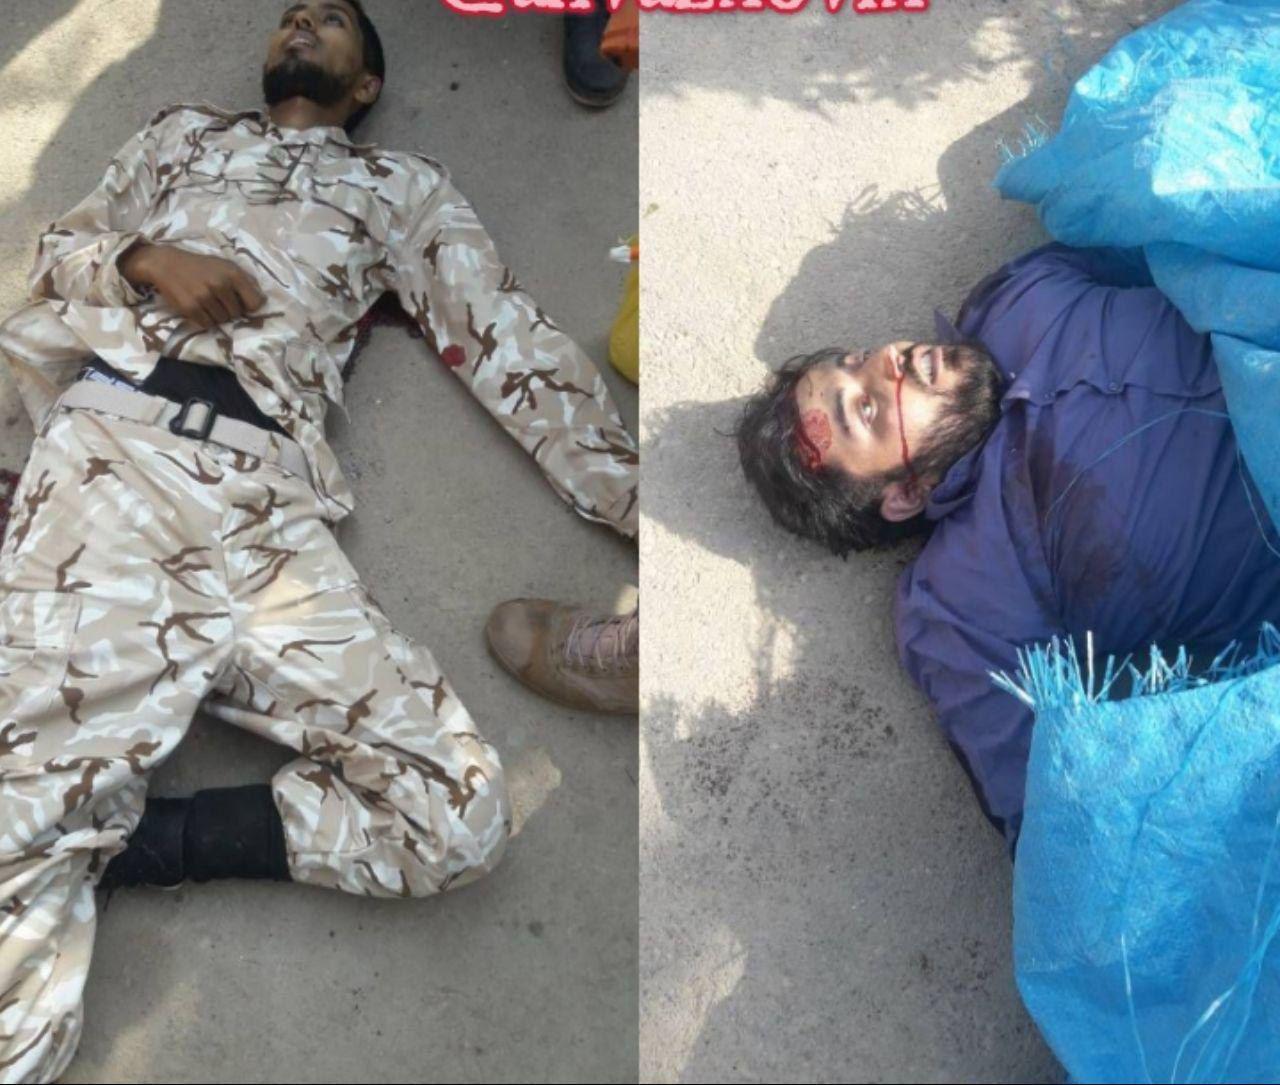 حمله تروریستی در رژه نیروهای مسلح در اهواز / 10 کشته و بیش از 60 زخمی / سه عامل تیراندازی کشته و یک تن دستگیر شد + فیلم